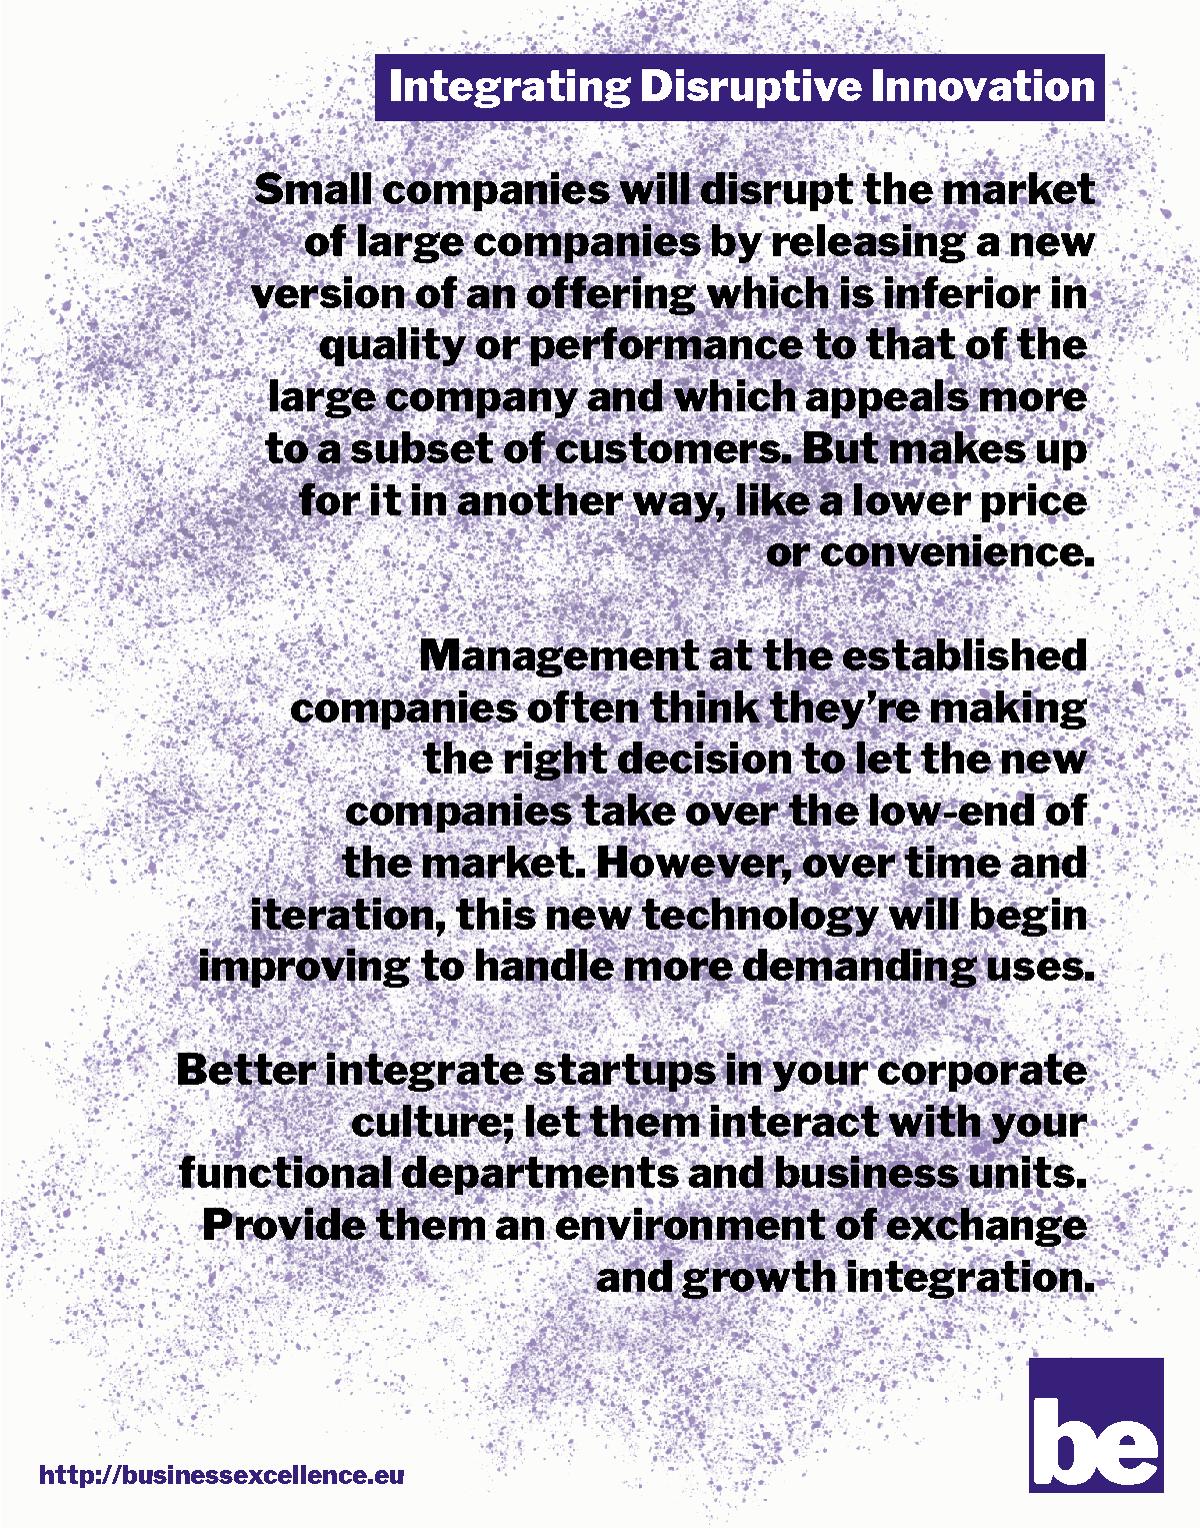 Integrating Disruptive Innovation